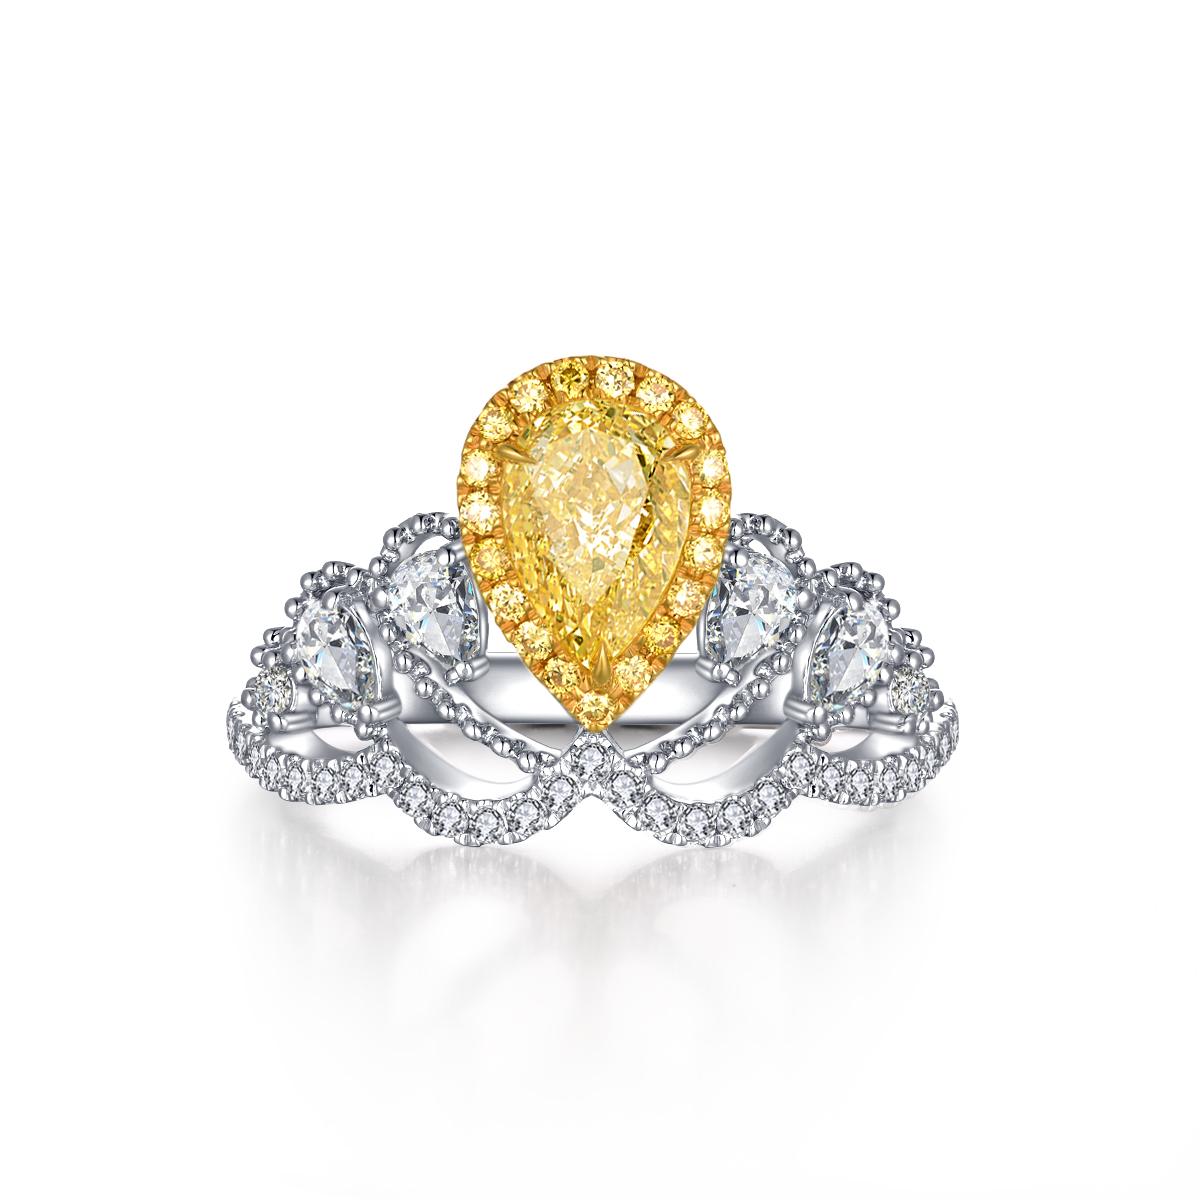 结婚钻戒怎么挑选?结婚钻戒买圆形钻戒好还是异形钻戒好?